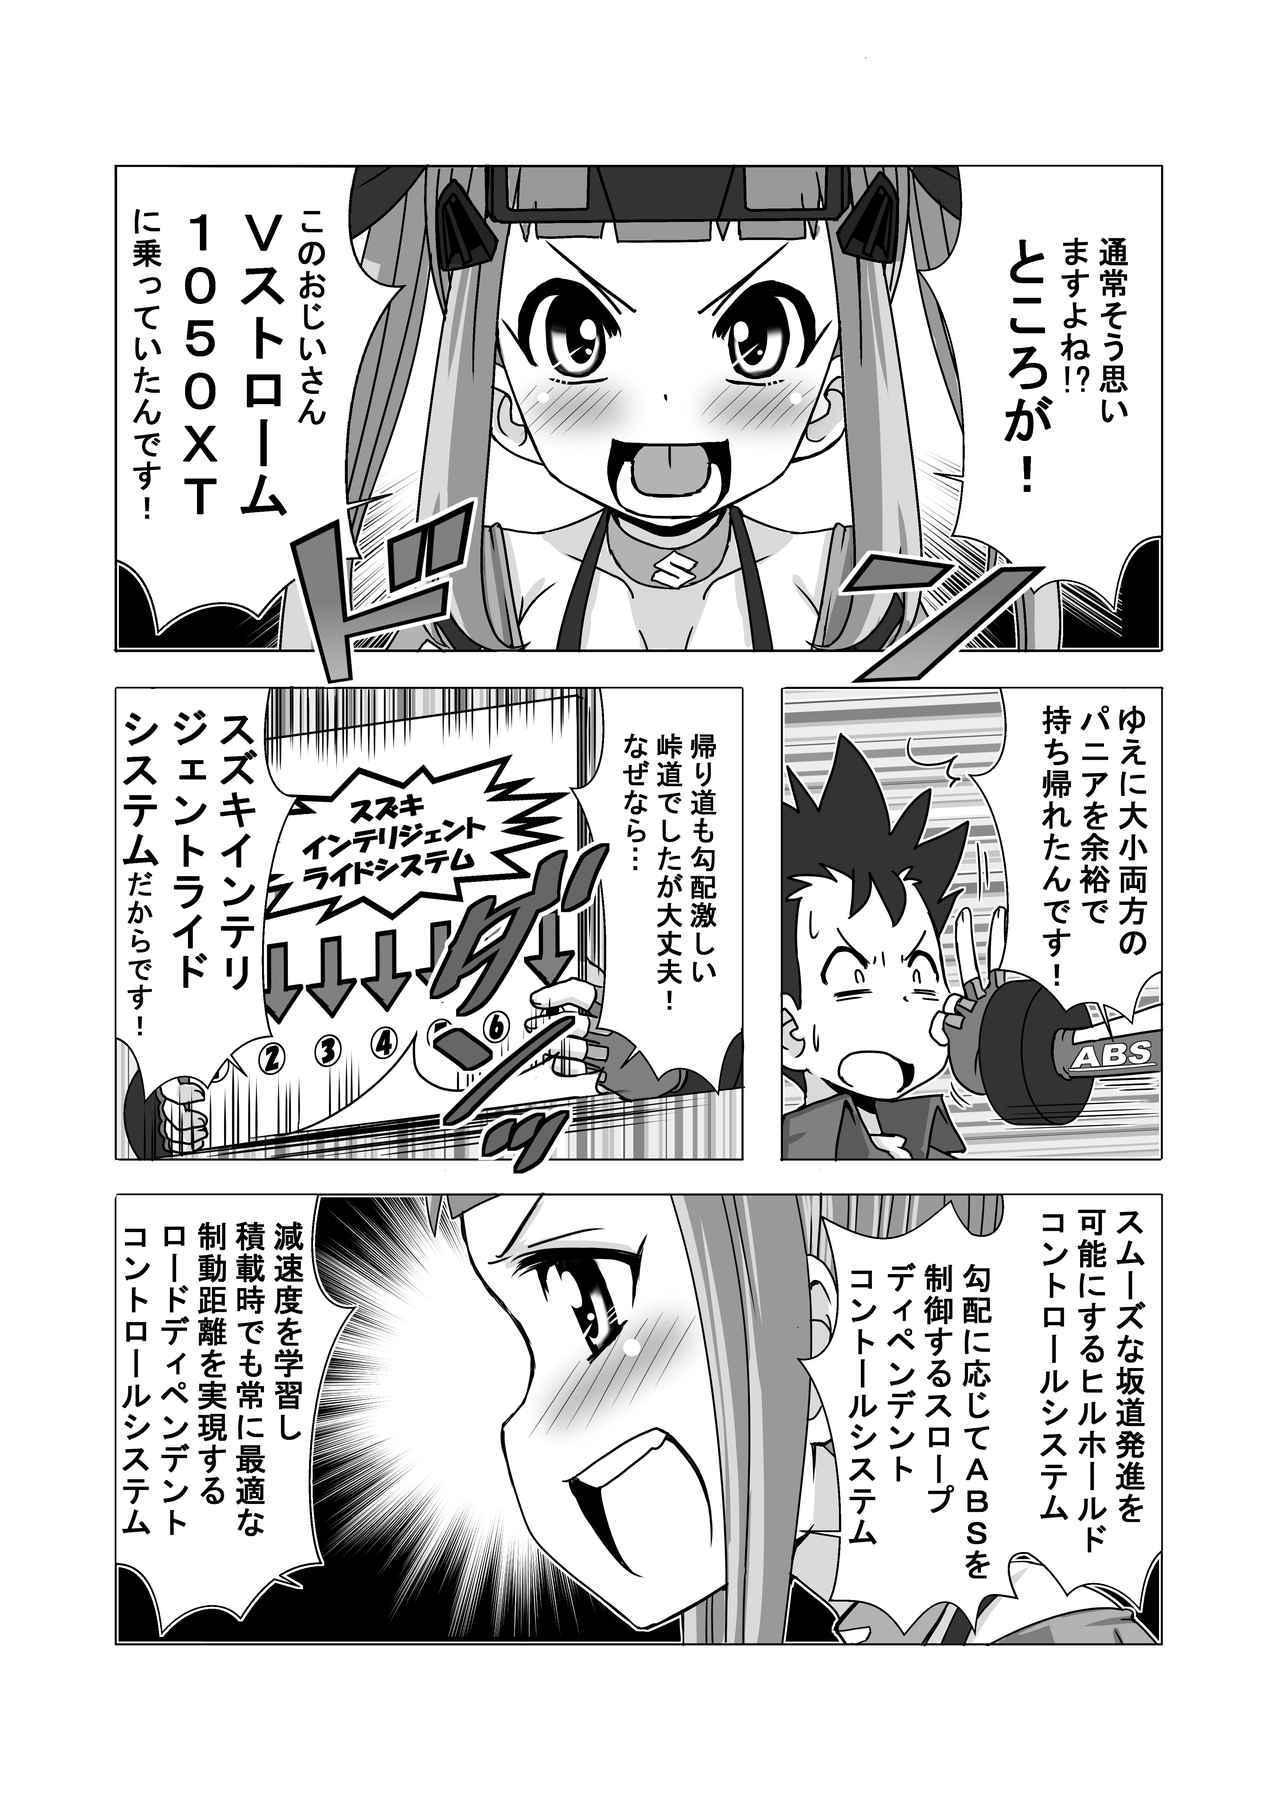 画像2: 『バイク擬人化菌書』V-STROM1050XT 話「舌きり隼」 作:鈴木秀吉